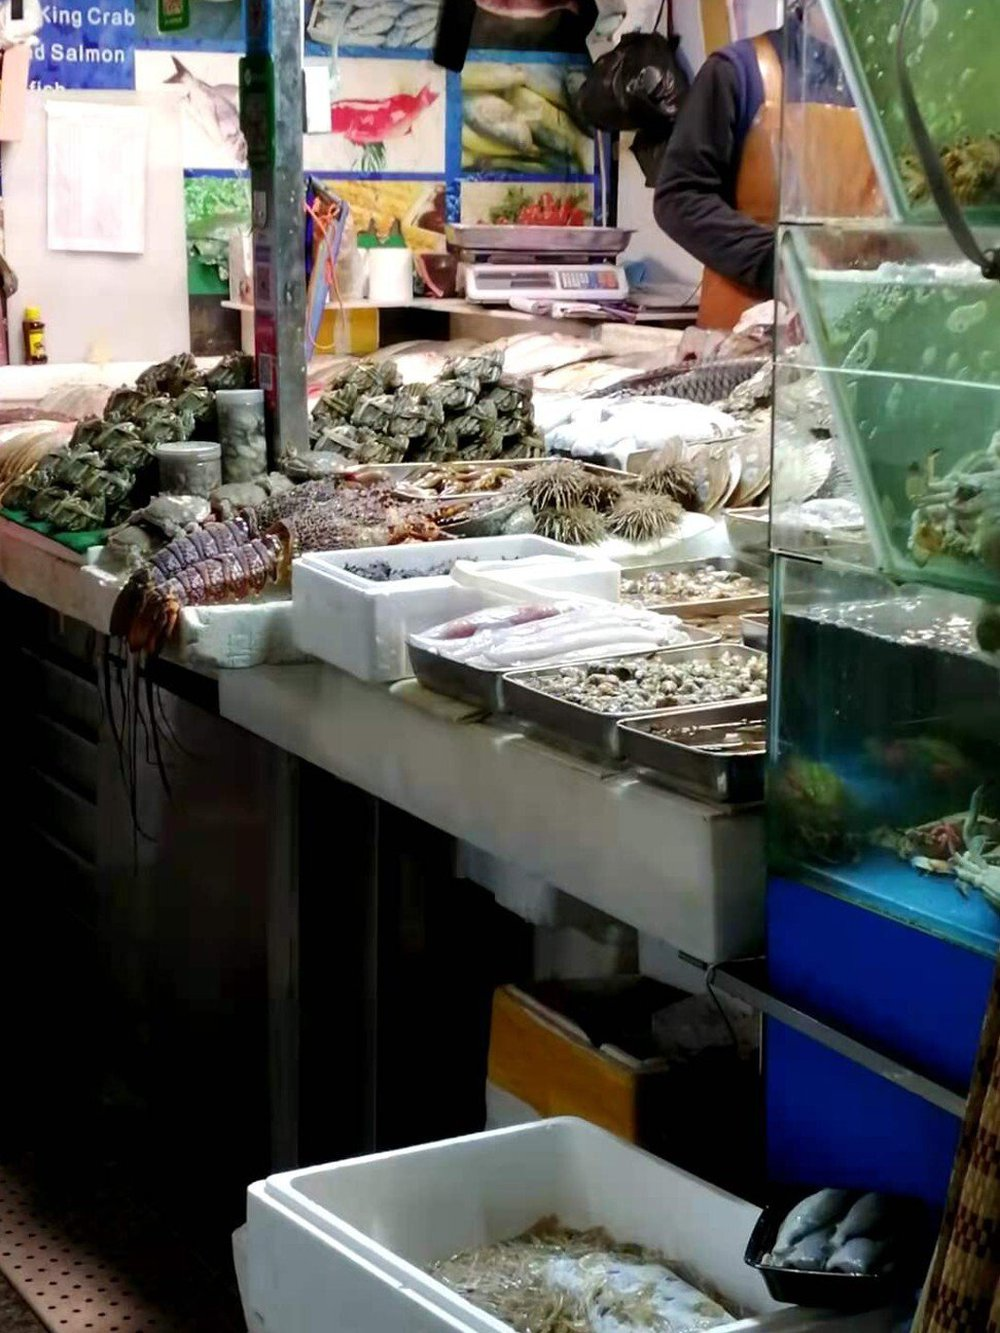 Trung Quốc úp mở đòn chí mạng vào xuất khẩu tôm của Úc: Điểm danh người bỏ túi món hời - Ảnh 3.